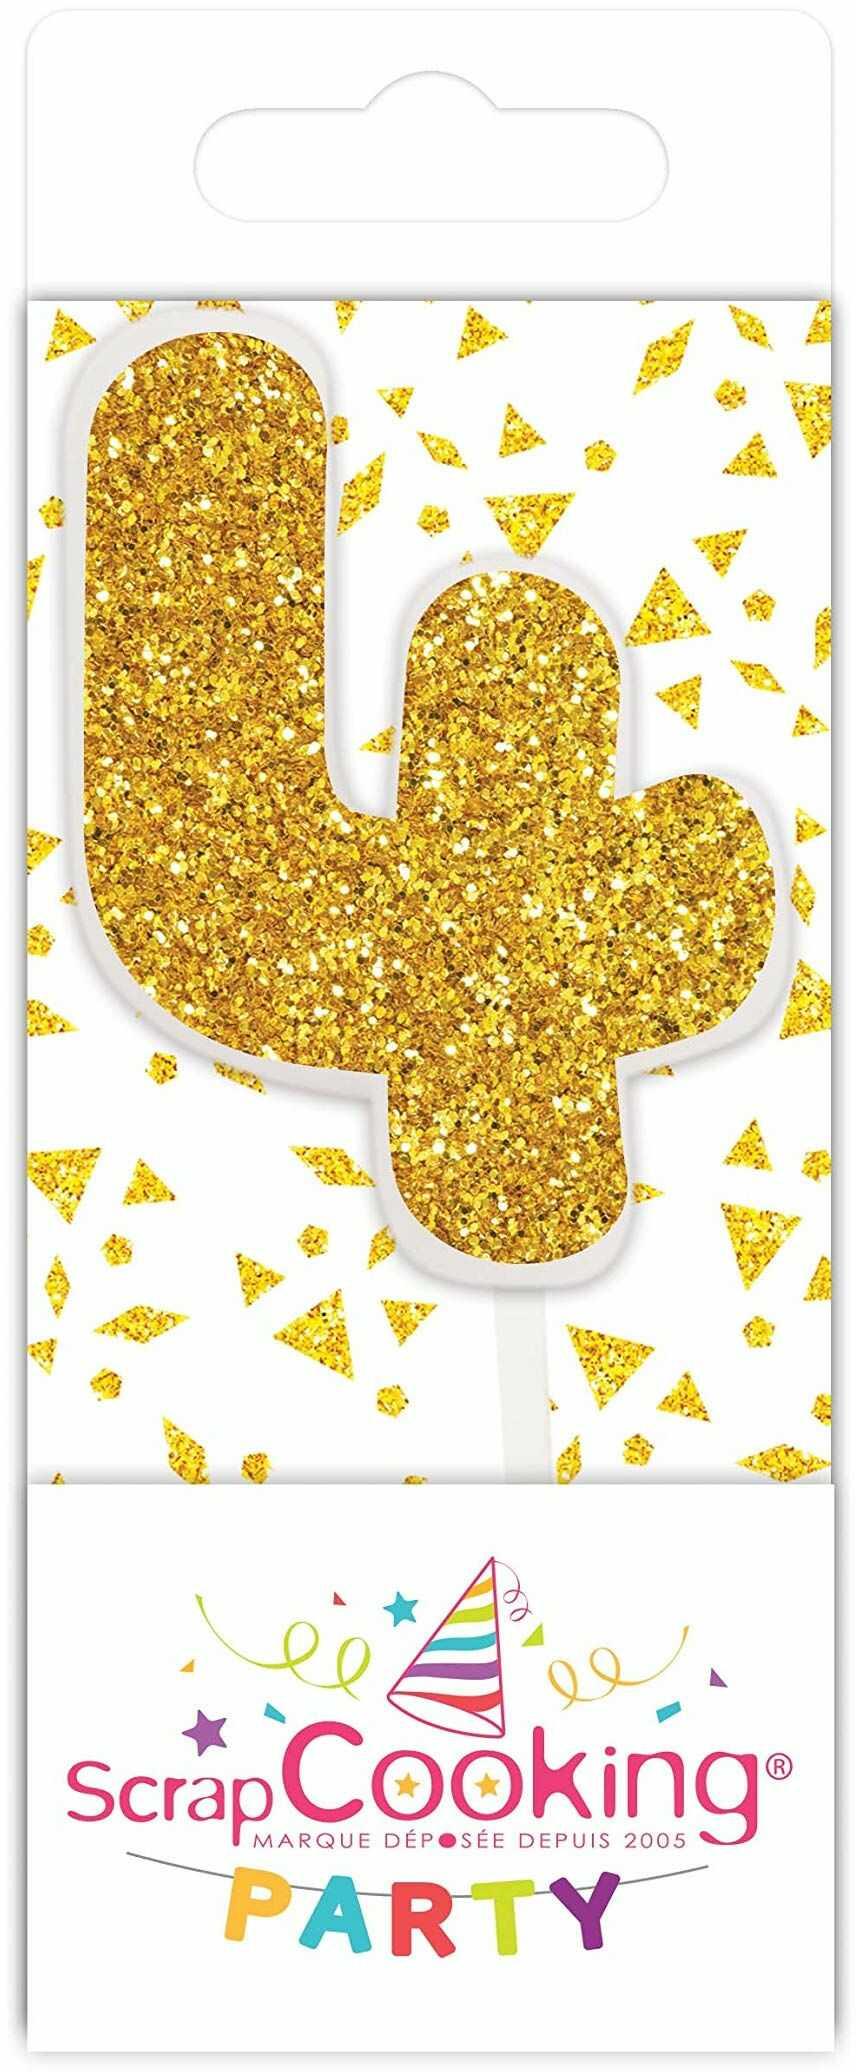 Scrapcooking 0594 mini świeca, kolor złoty